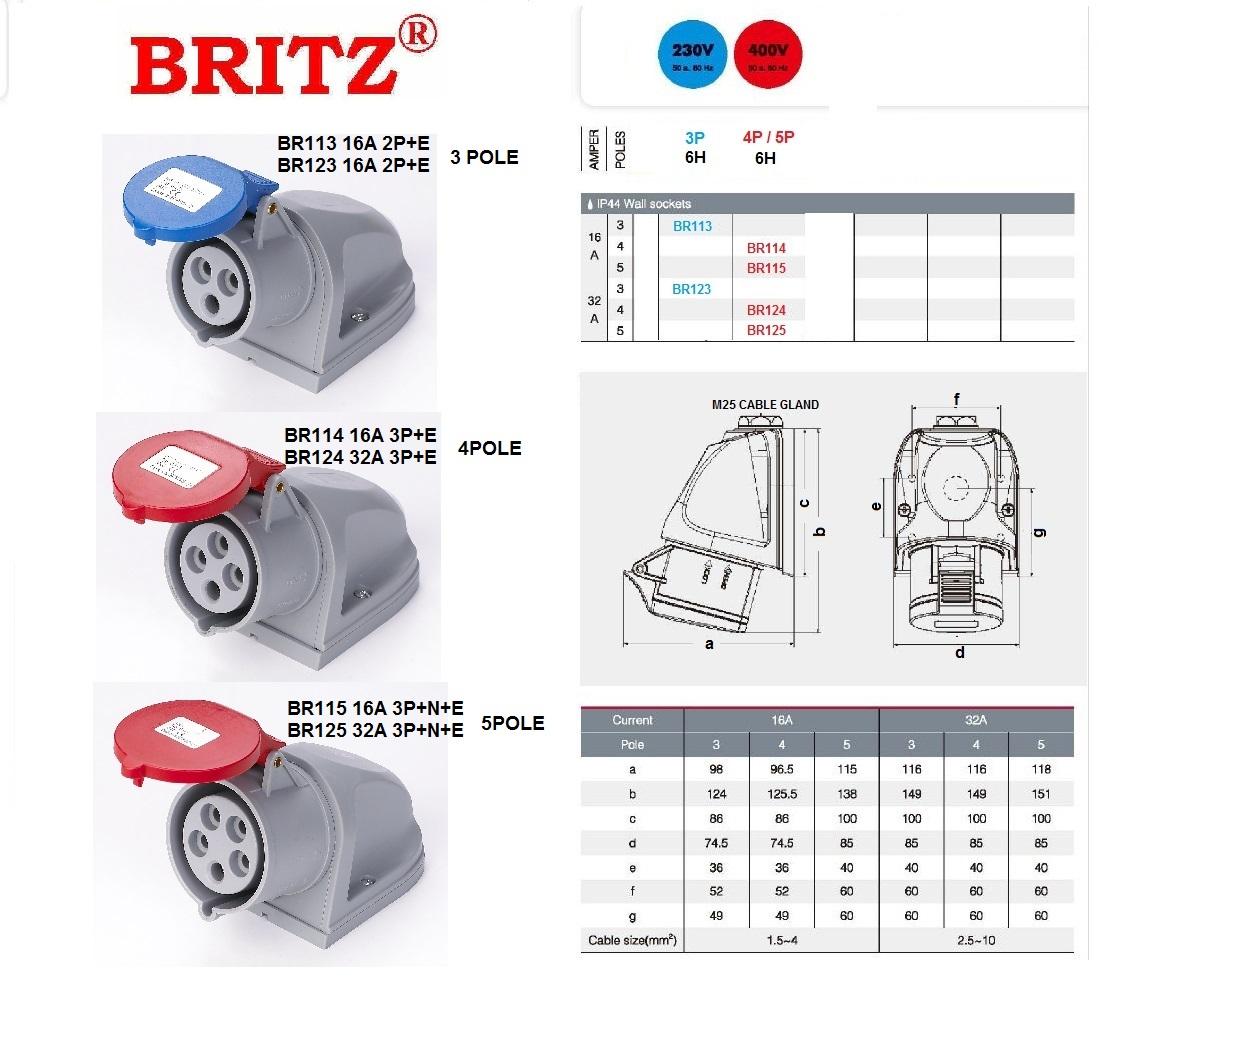 BRPC1